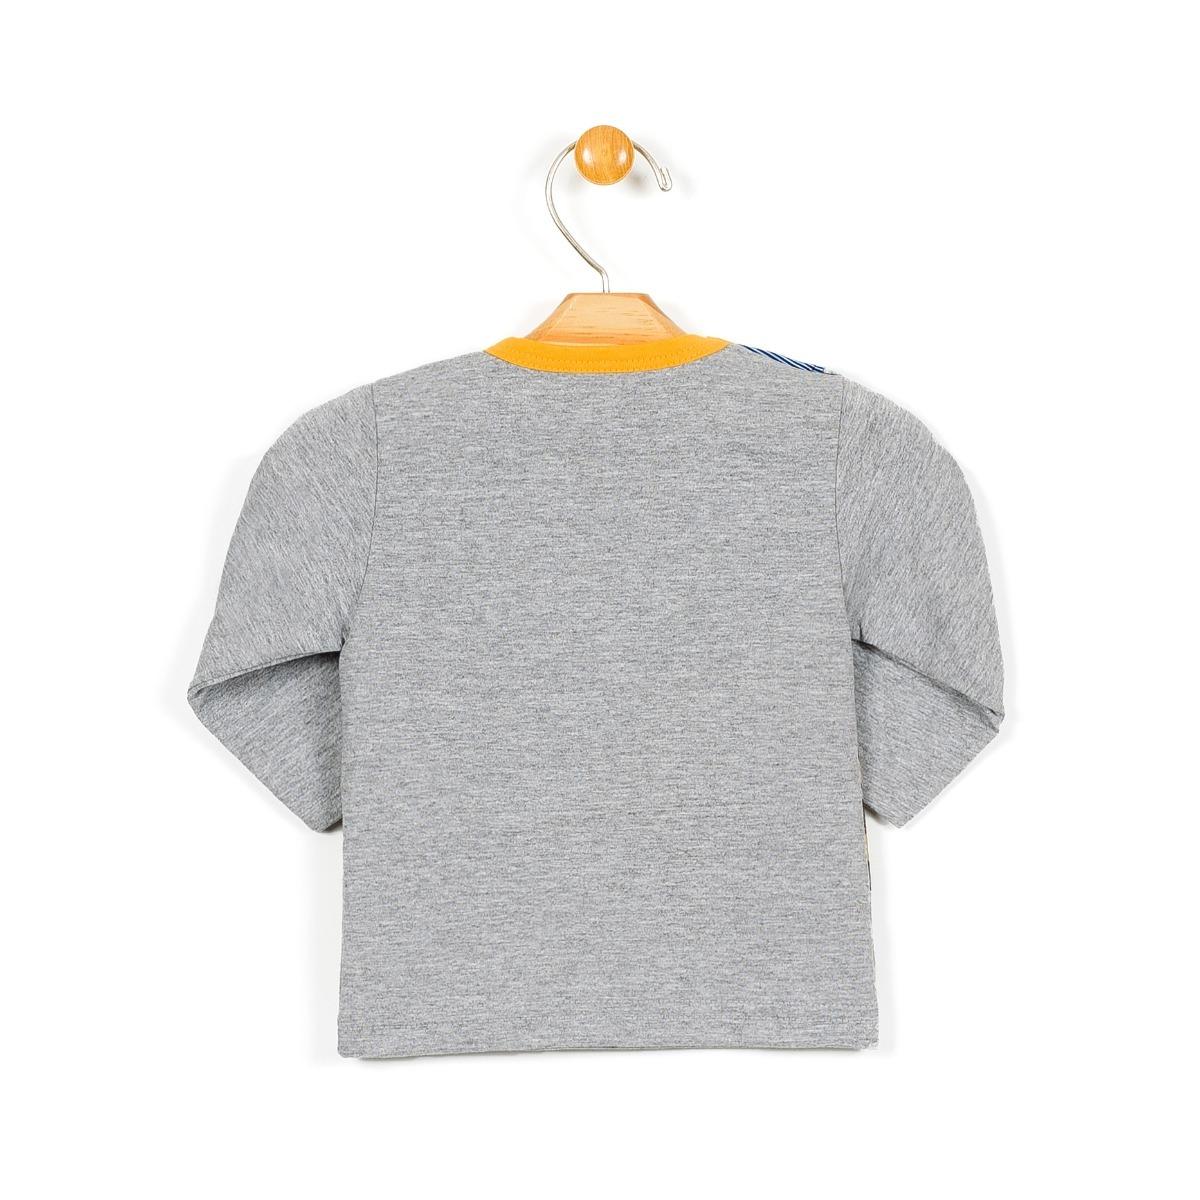 13ad2dd2e89af camisa infantil menino manga longa com babador tileesul10604. Carregando  zoom.